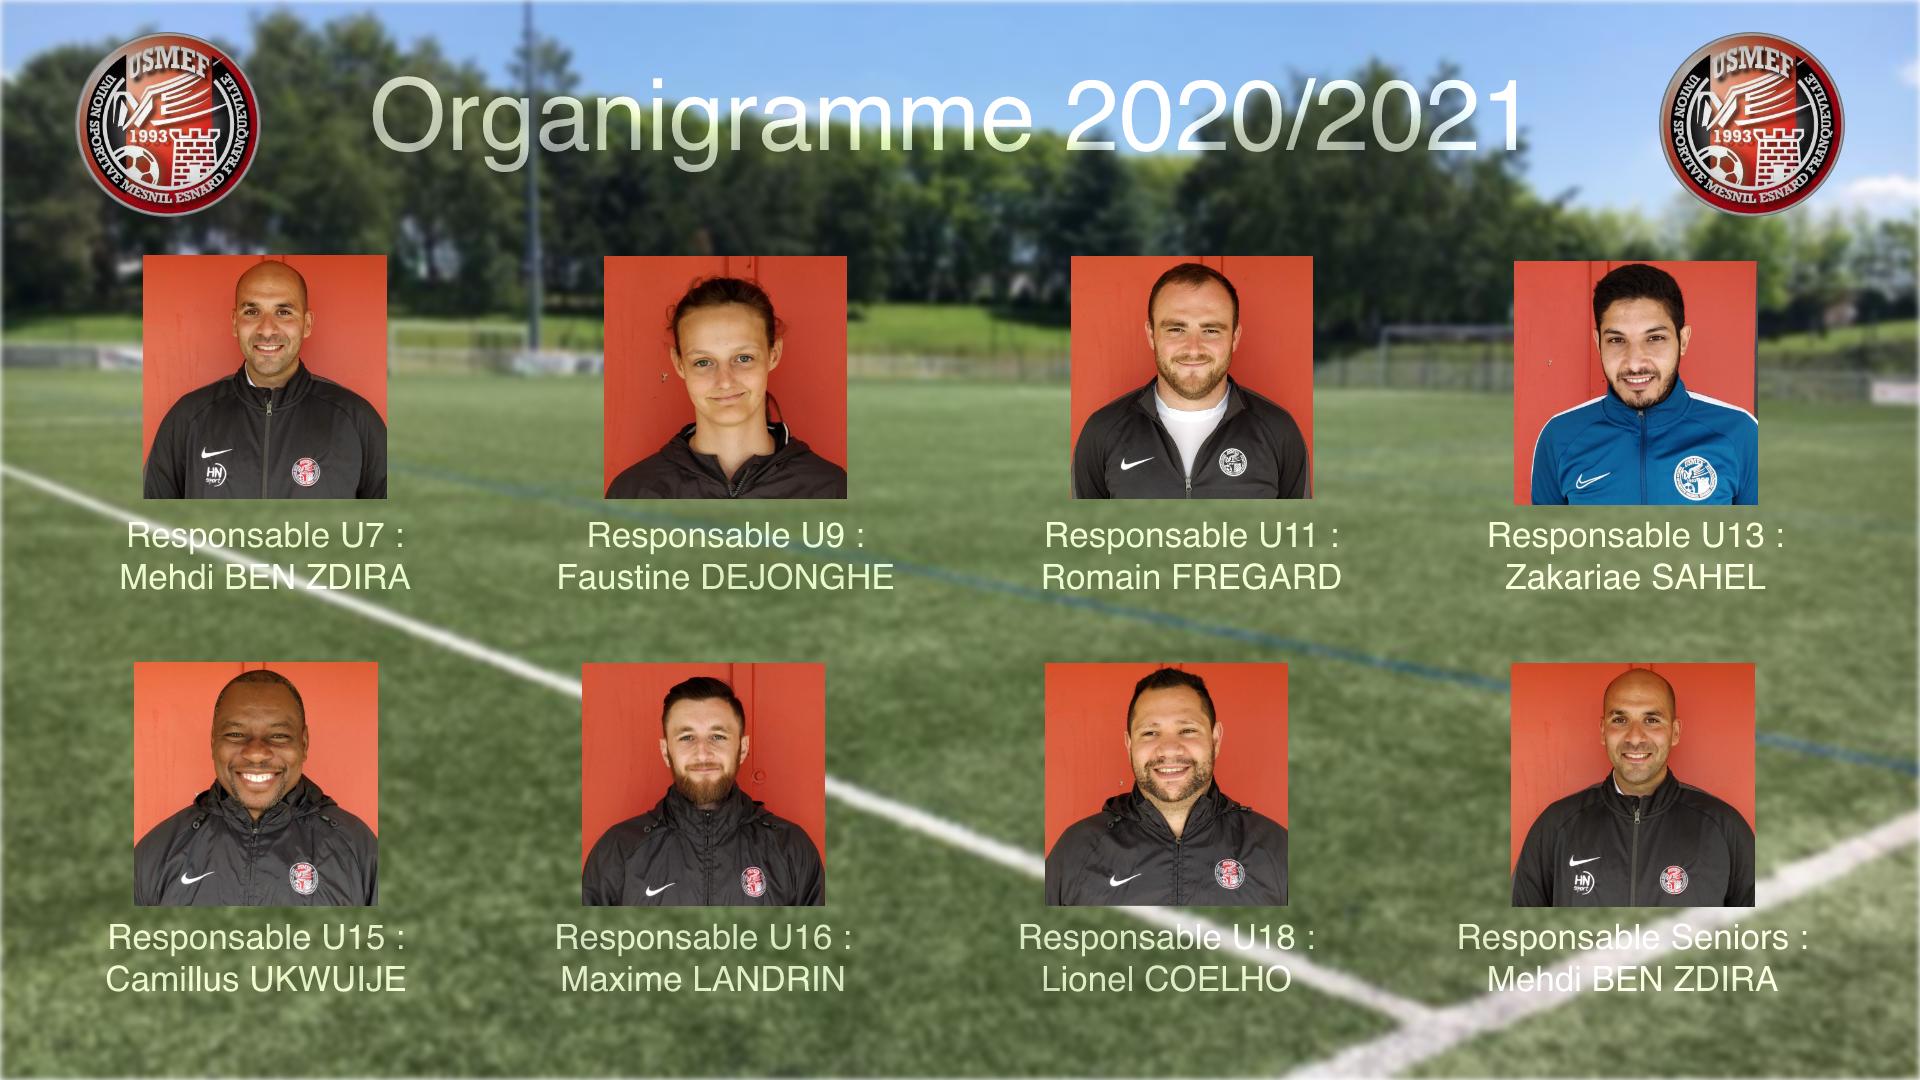 USMEF - Organigramme 2020/2021